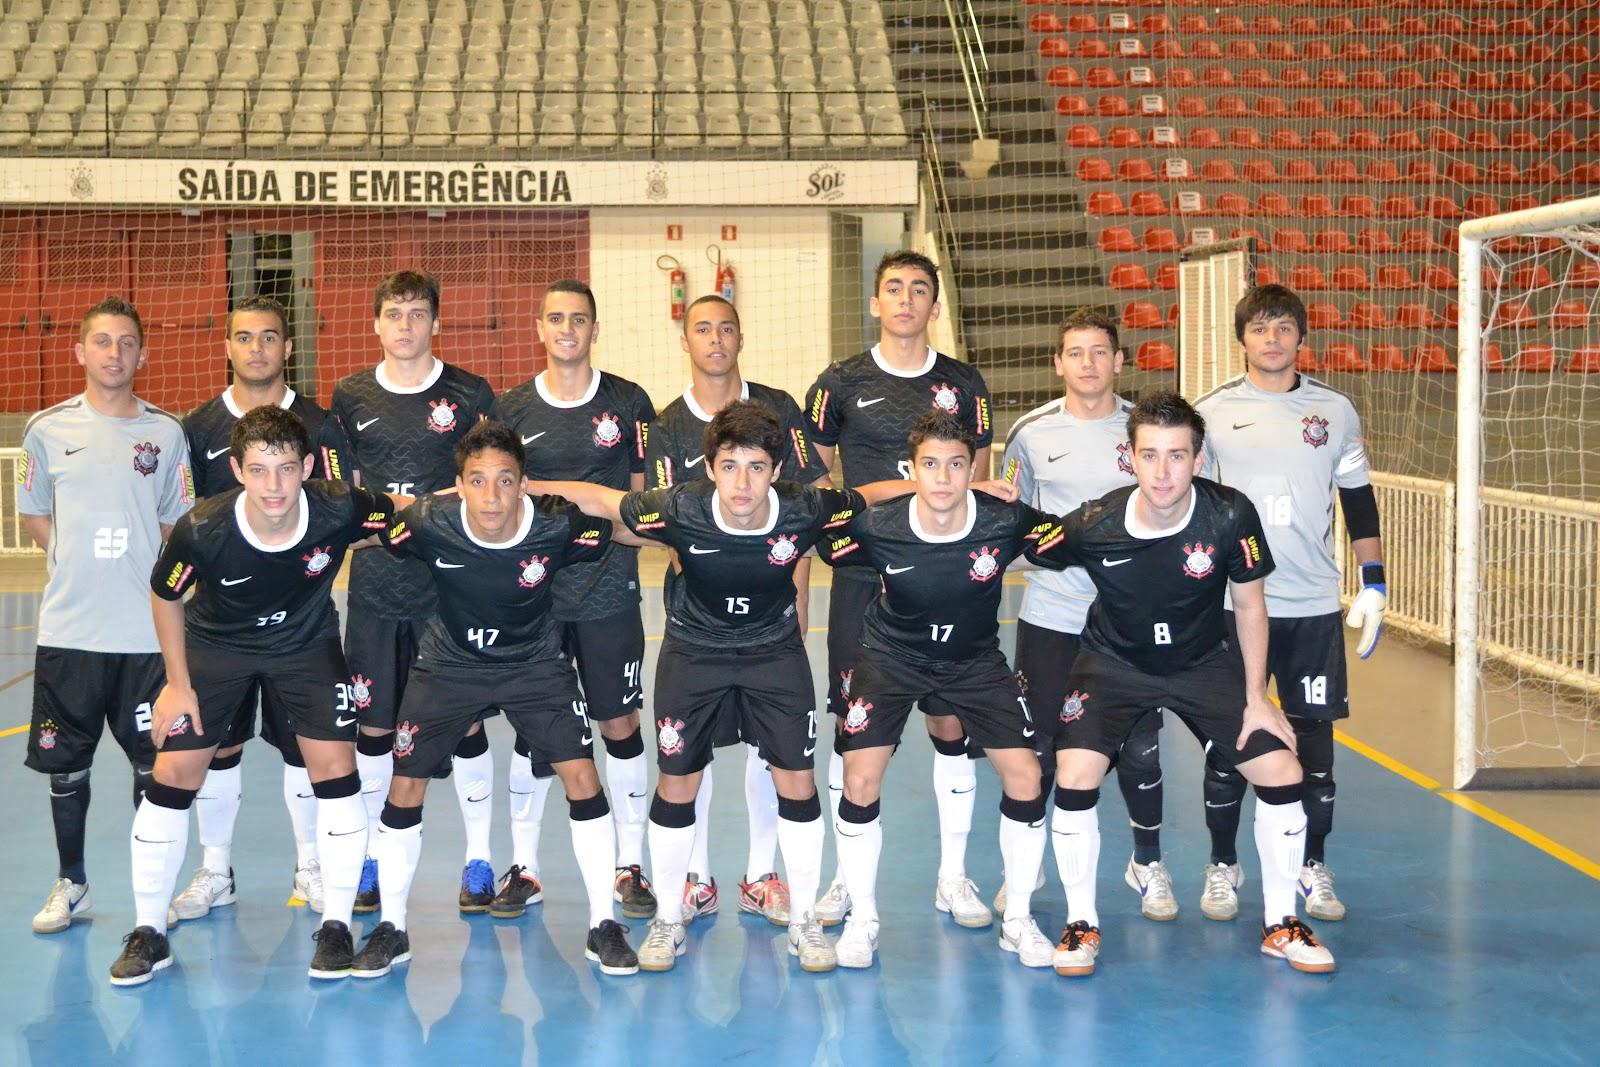 Futsal Timão no Coração  Setembro 2012 b1e9fc805924d